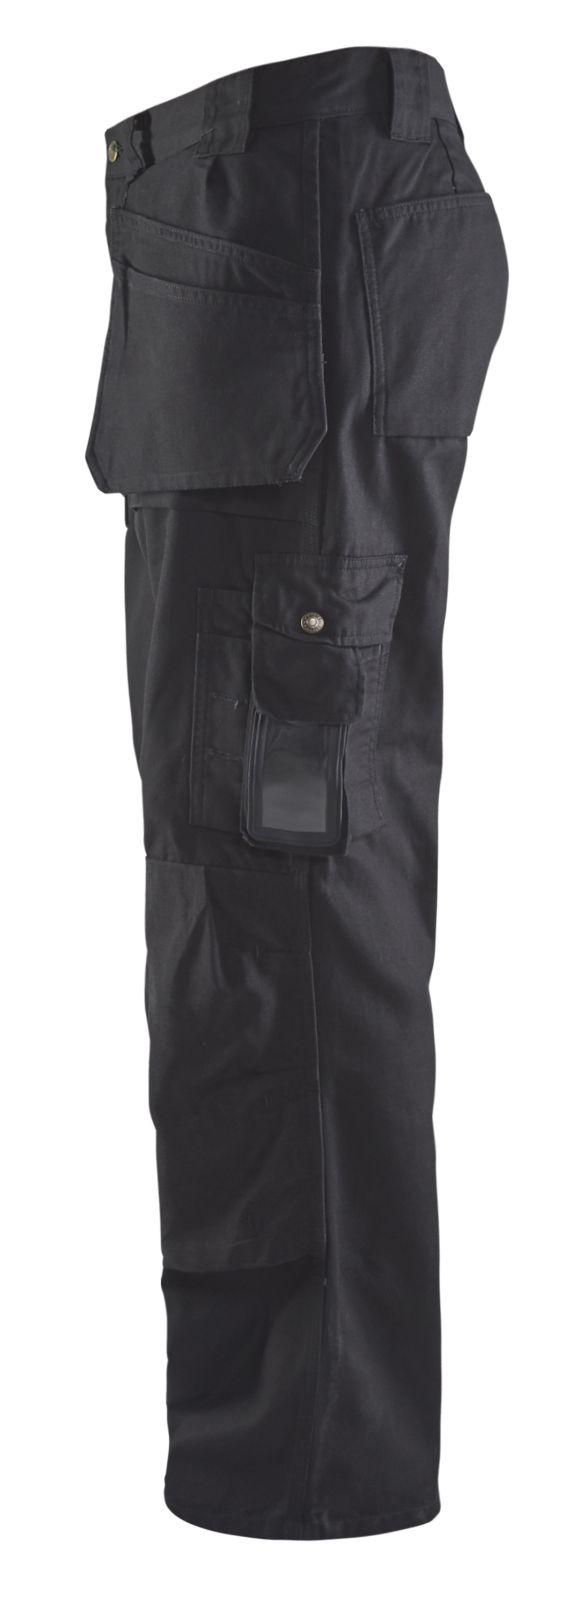 Blaklader Werkbroeken 15301310 zwart(9900)